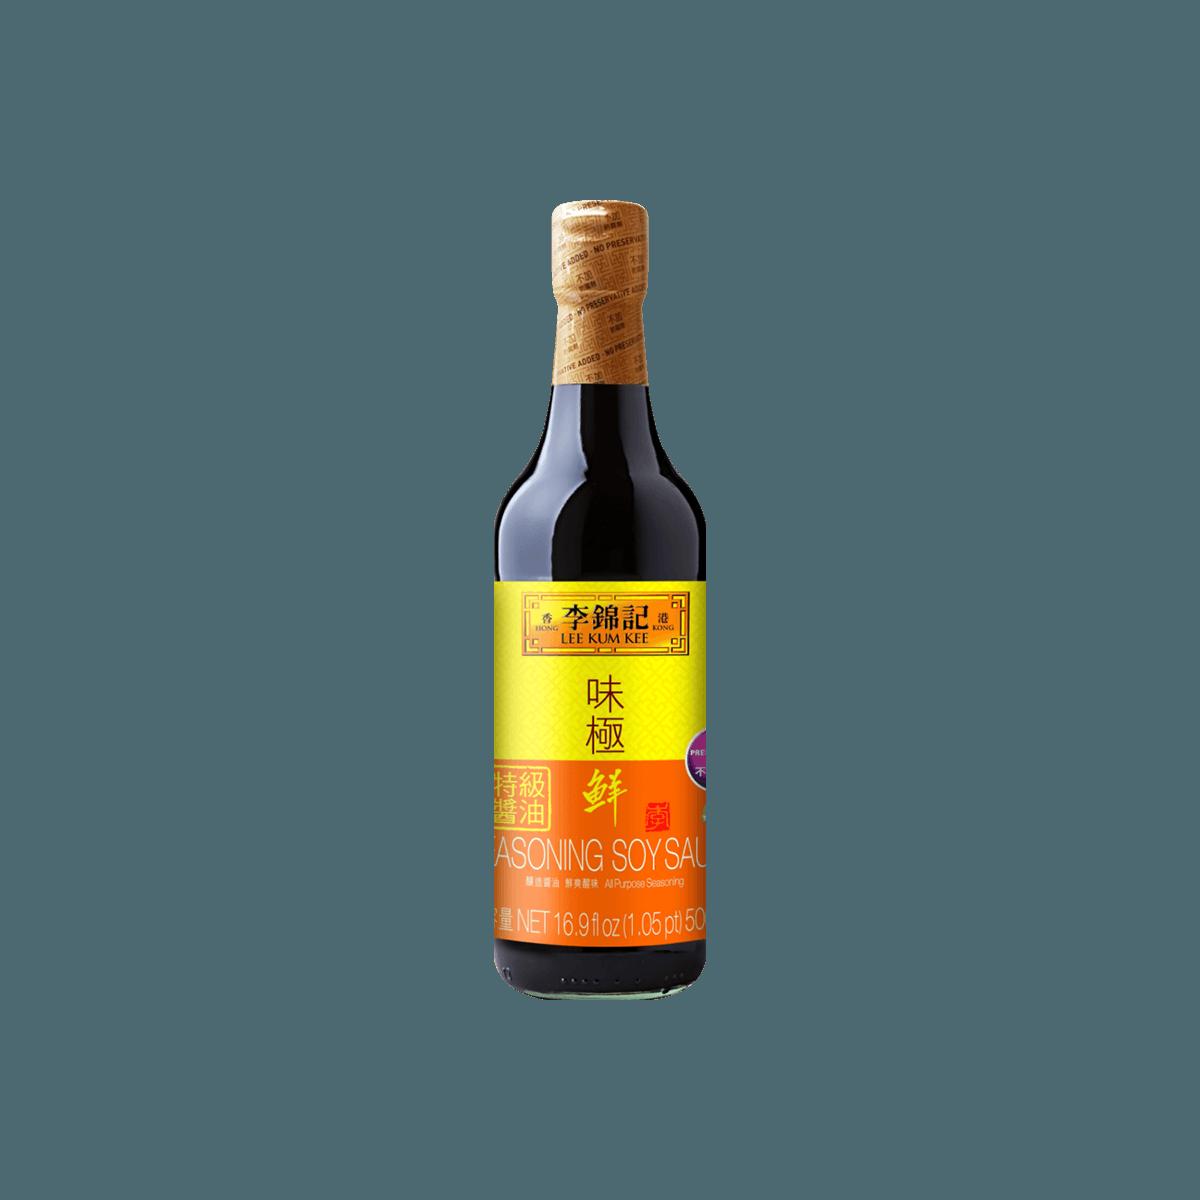 李锦记 味极鲜特级酱油 500ml (不加防腐剂) 怎么样 - 亚米网